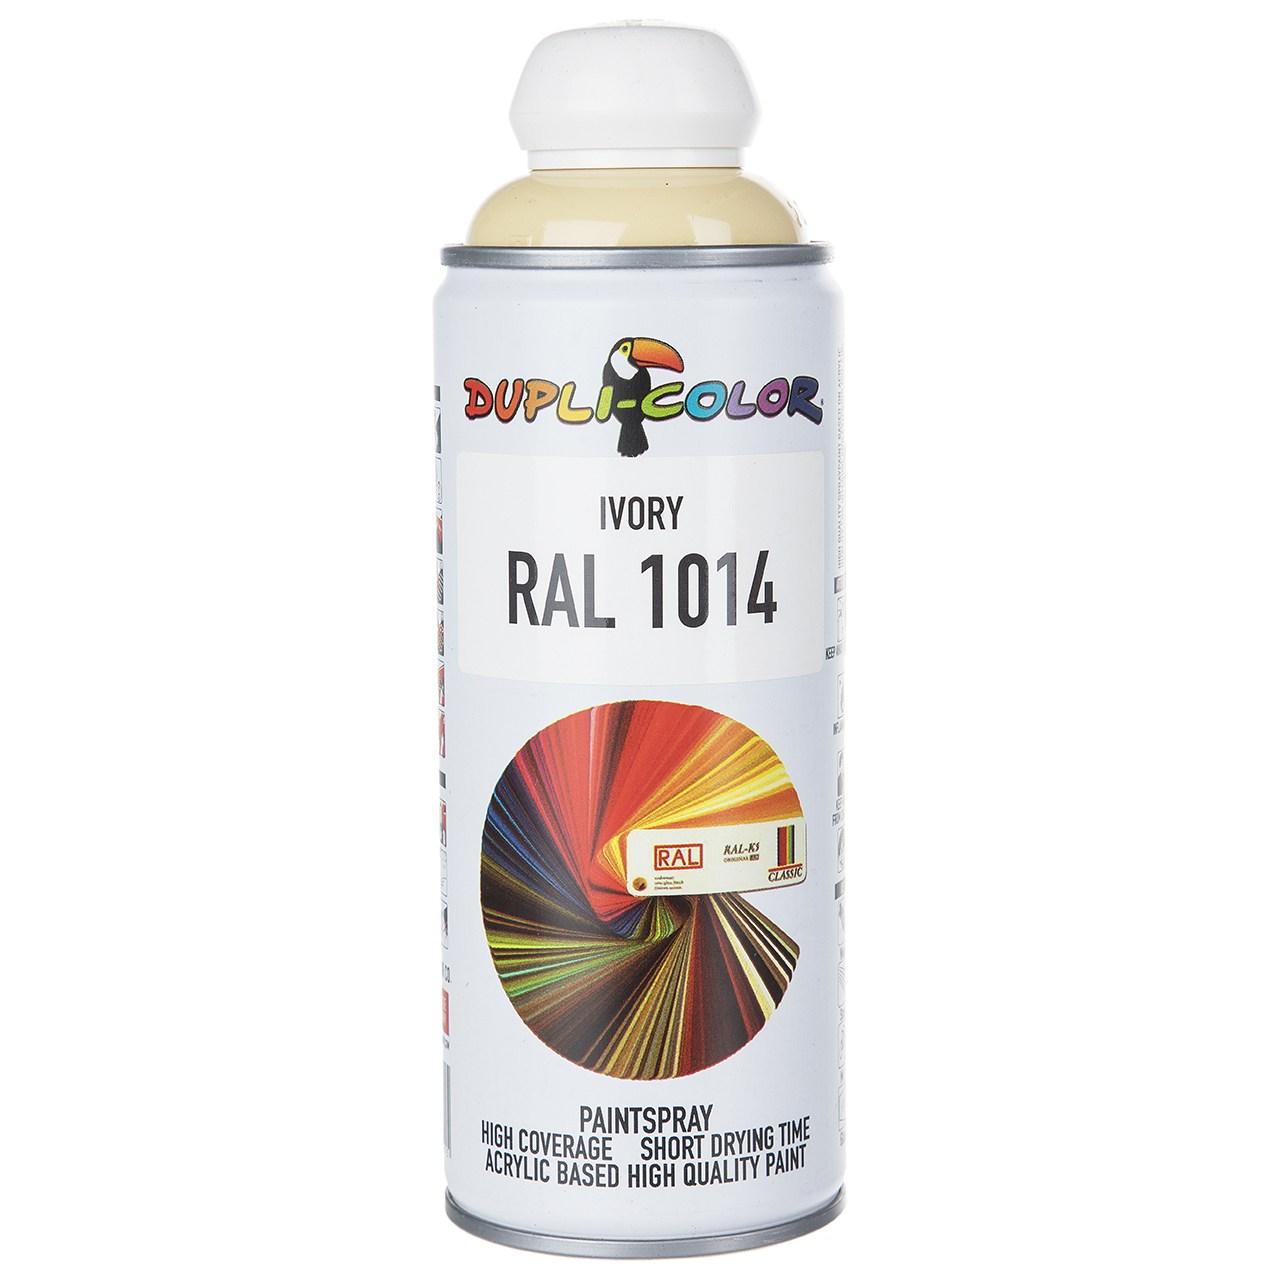 اسپری رنگ استخونی دوپلی کالر مدل RAL 1014 حجم 400 میلی لیتر